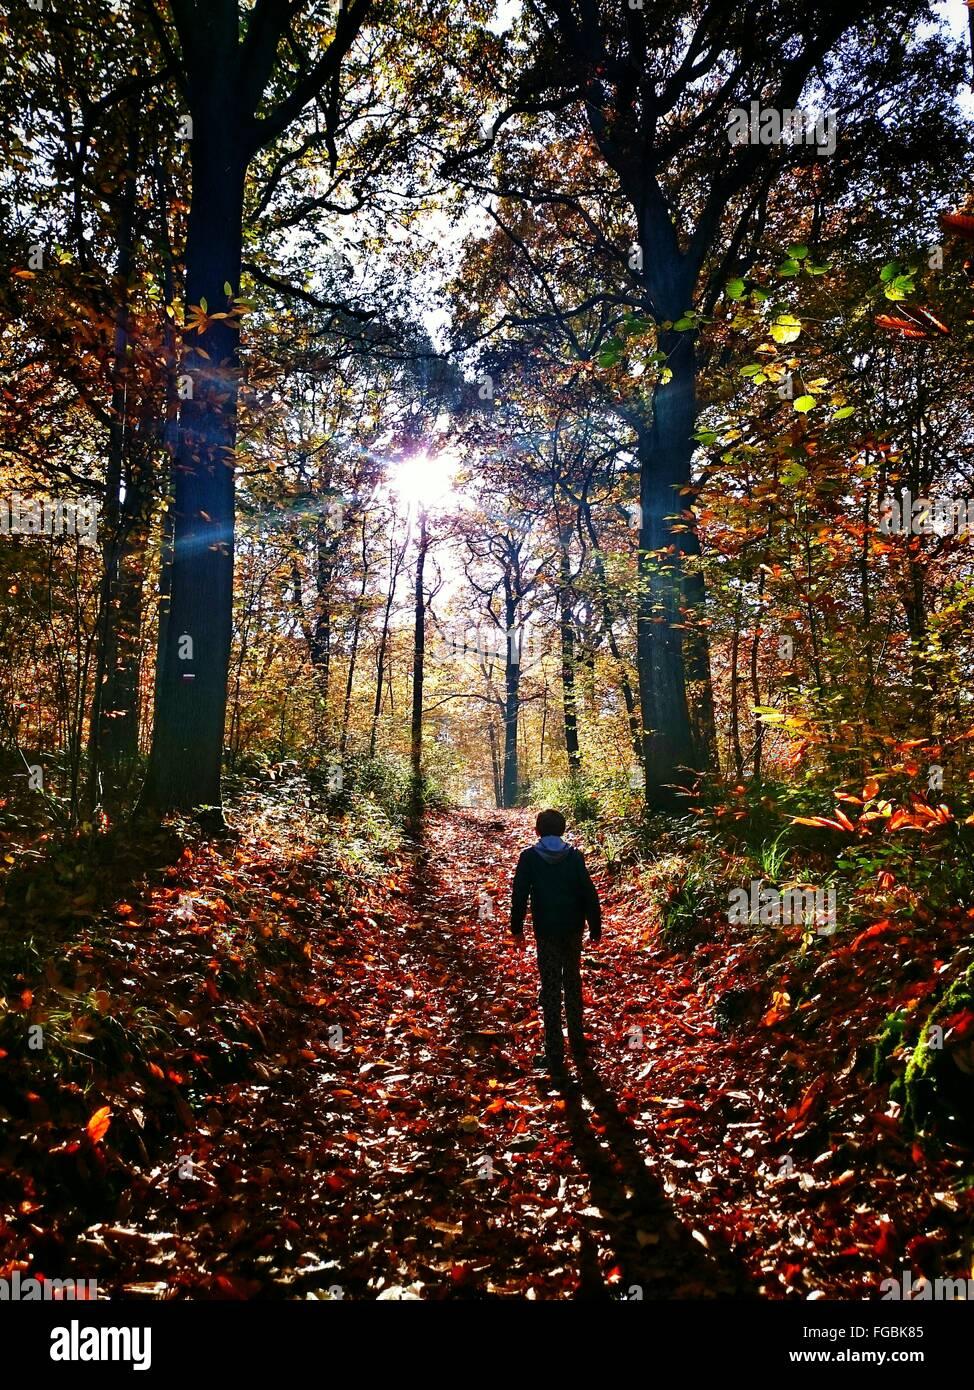 Vista posteriore del ragazzo in foresta durante l'Autunno Immagini Stock